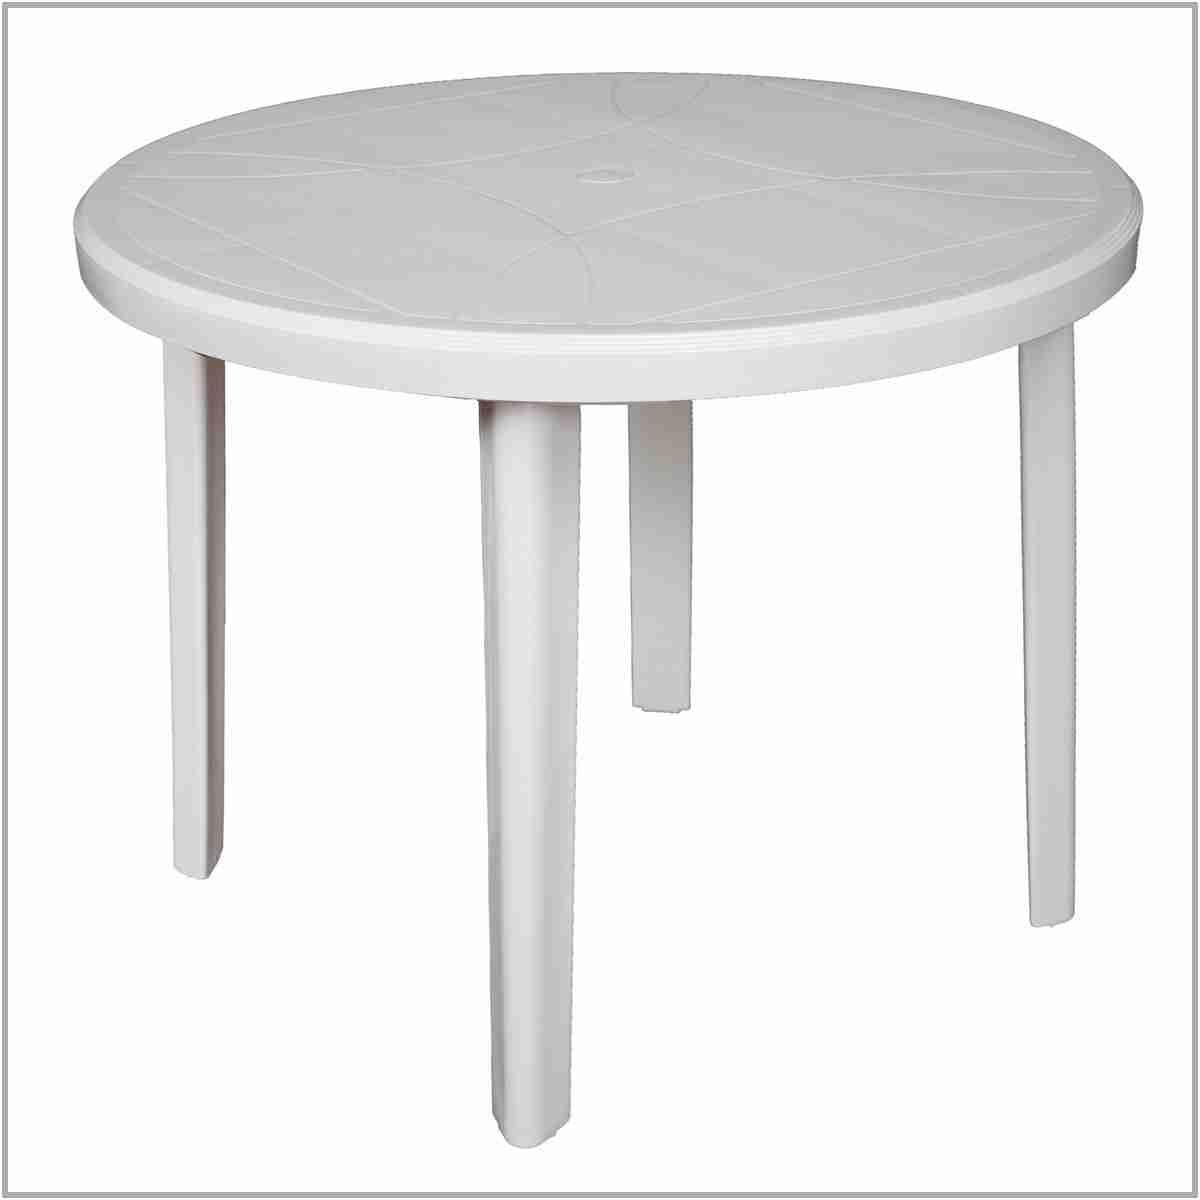 Table De Jardin Ronde Pas Cher Nice Table Jardin Ronde Pas ... encequiconcerne Table De Jardin Ronde Pas Cher